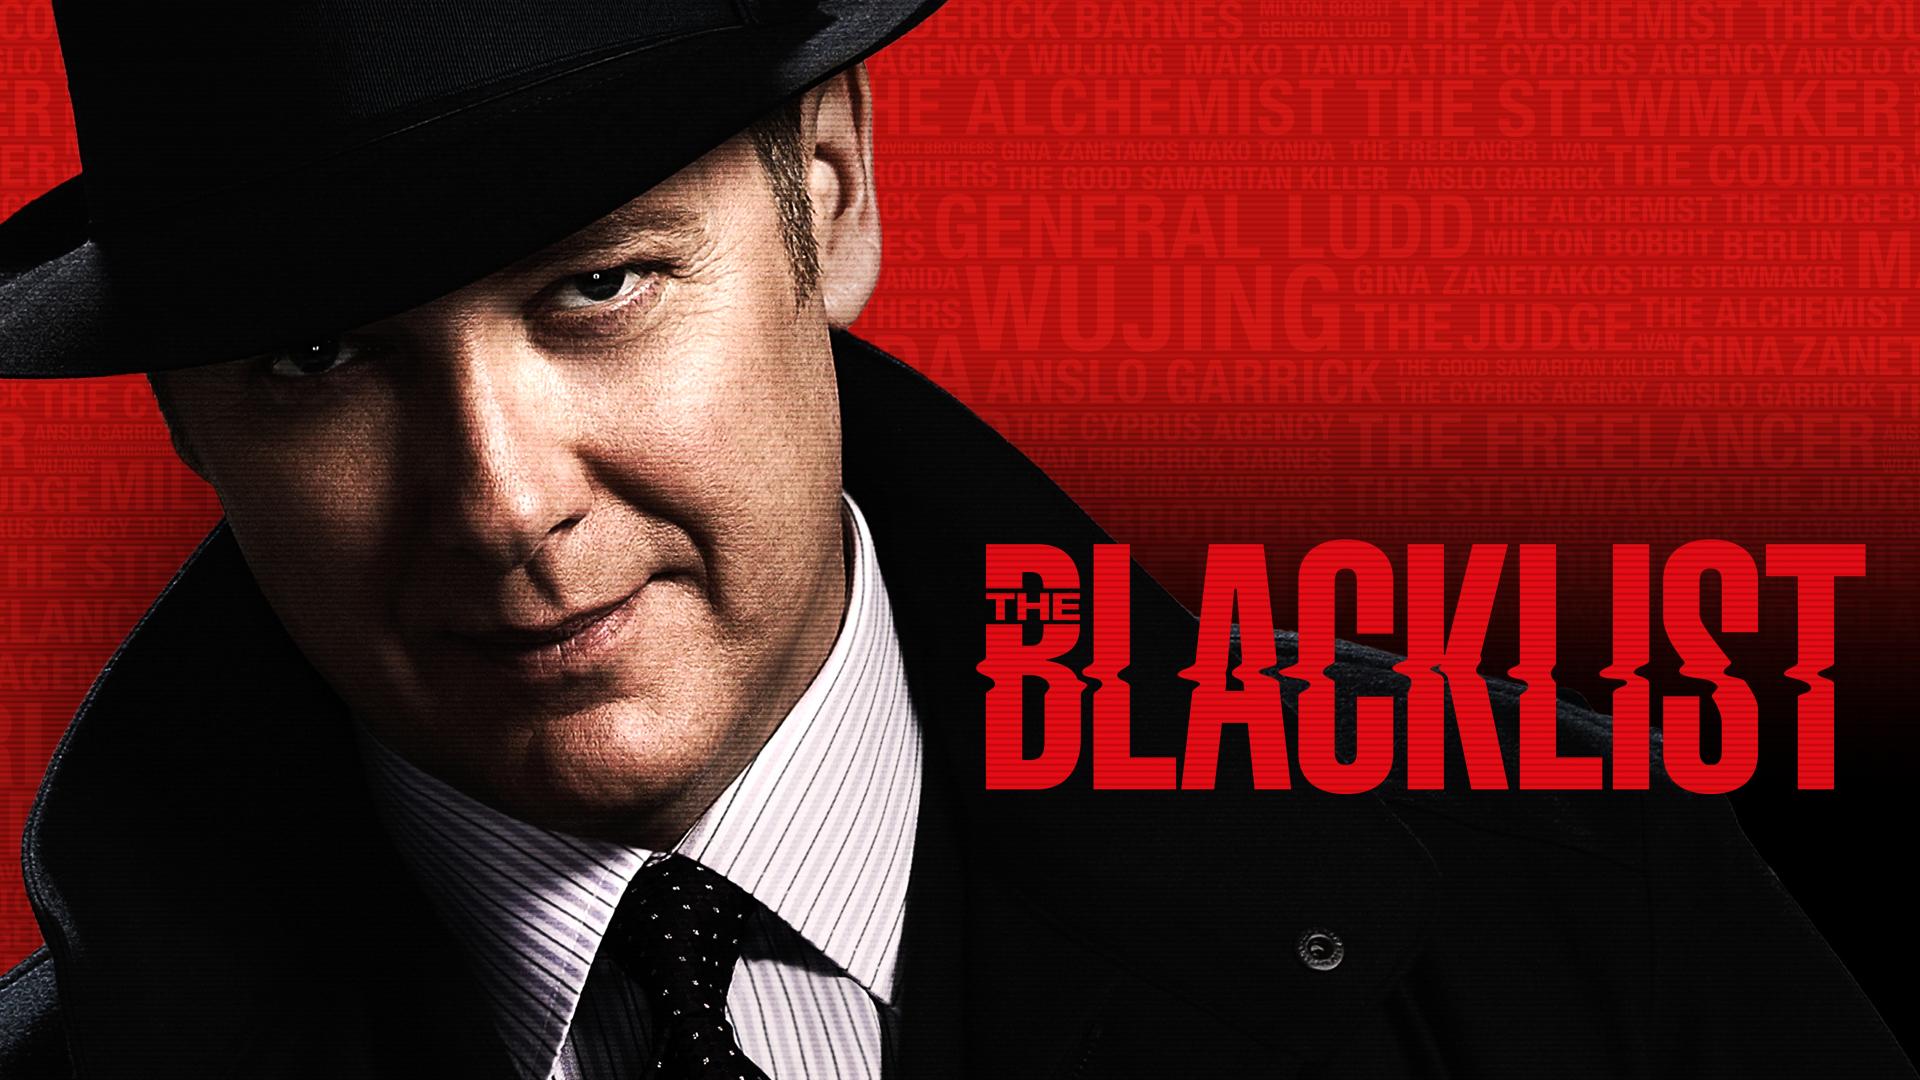 Blacklisted Websites List